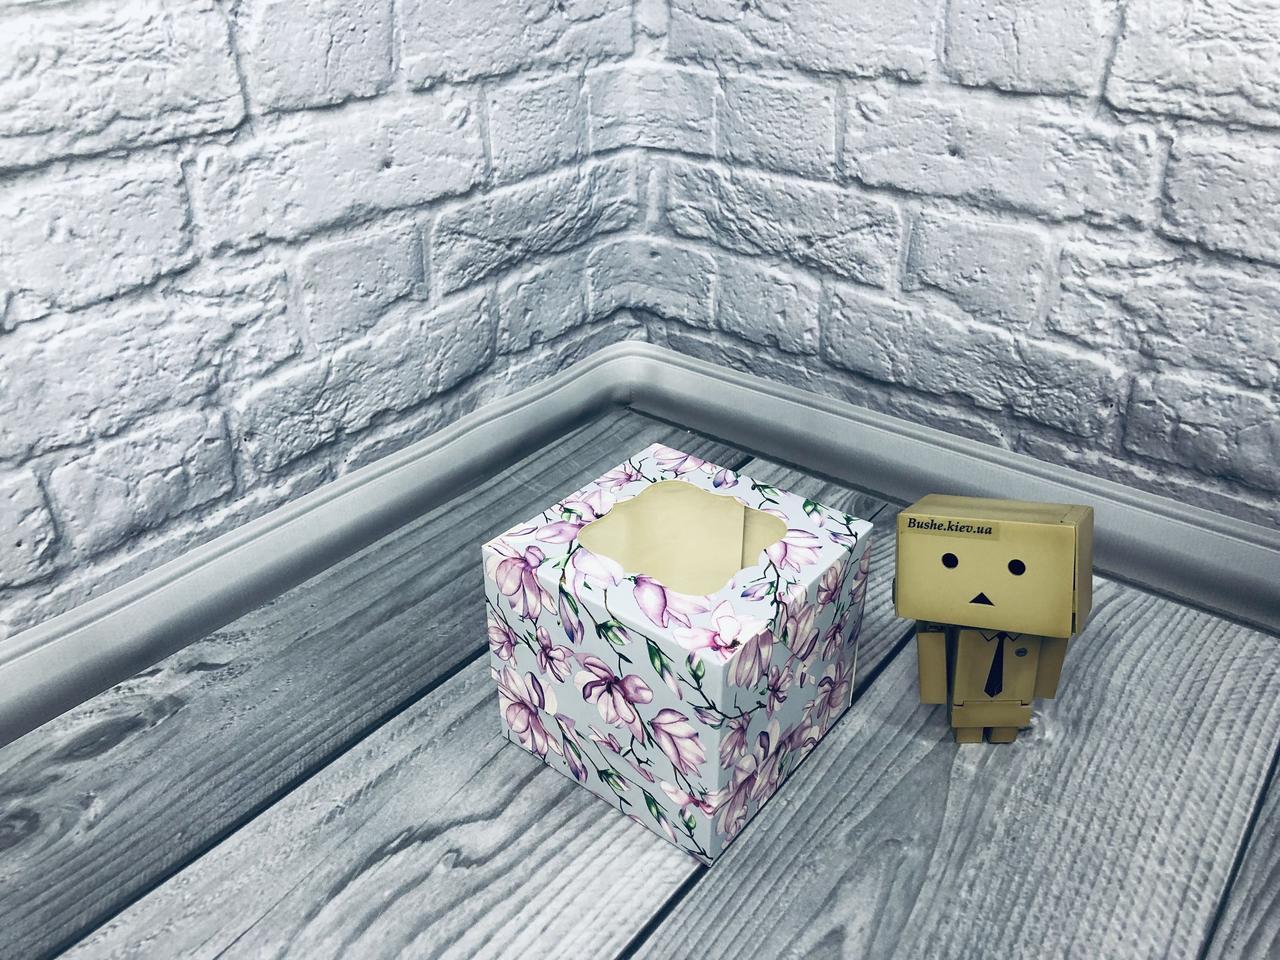 *10 шт* / Коробка для 1-ого кекса / 100х100х90 мм / печать-Магнолия / окно-обычн / лк / цв